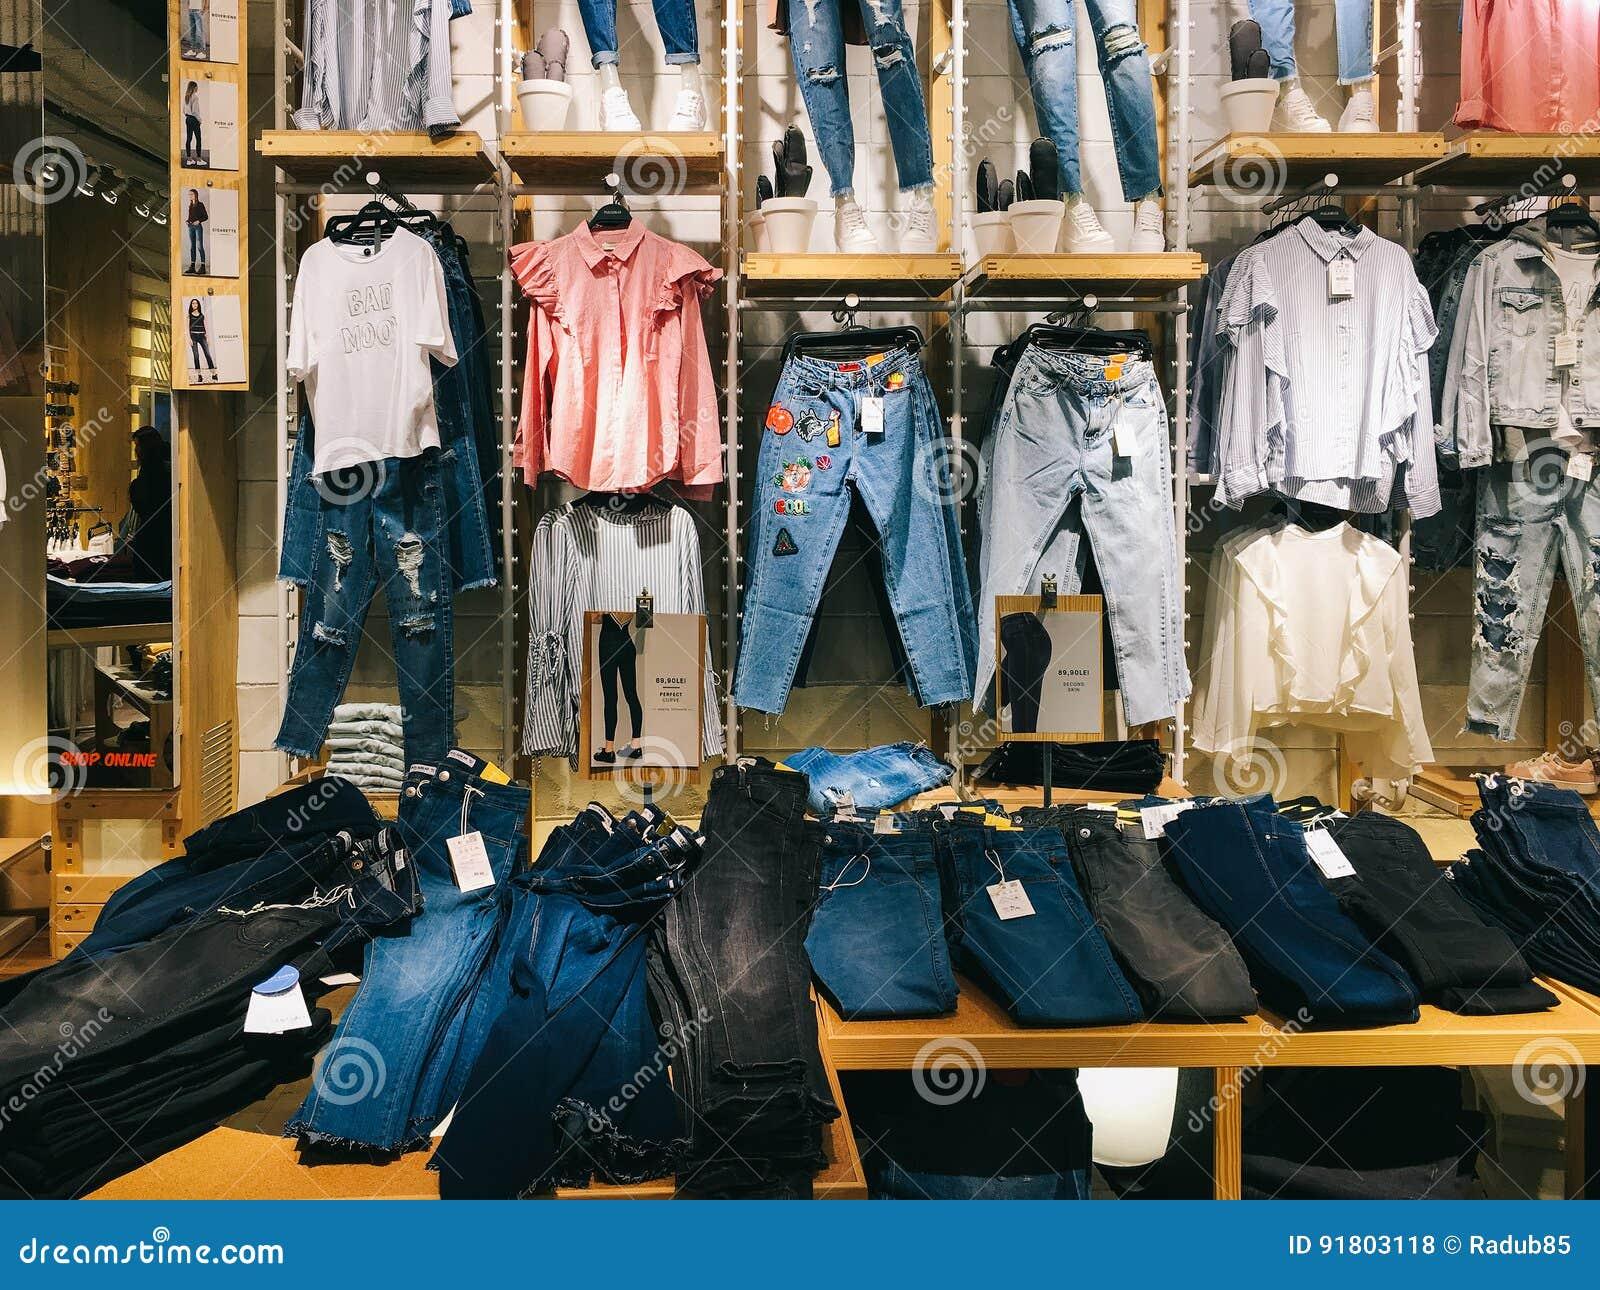 7b208ddc80a4 Ropa Moderna De La Mujer Para La Venta En Tienda De La Moda Foto de ...